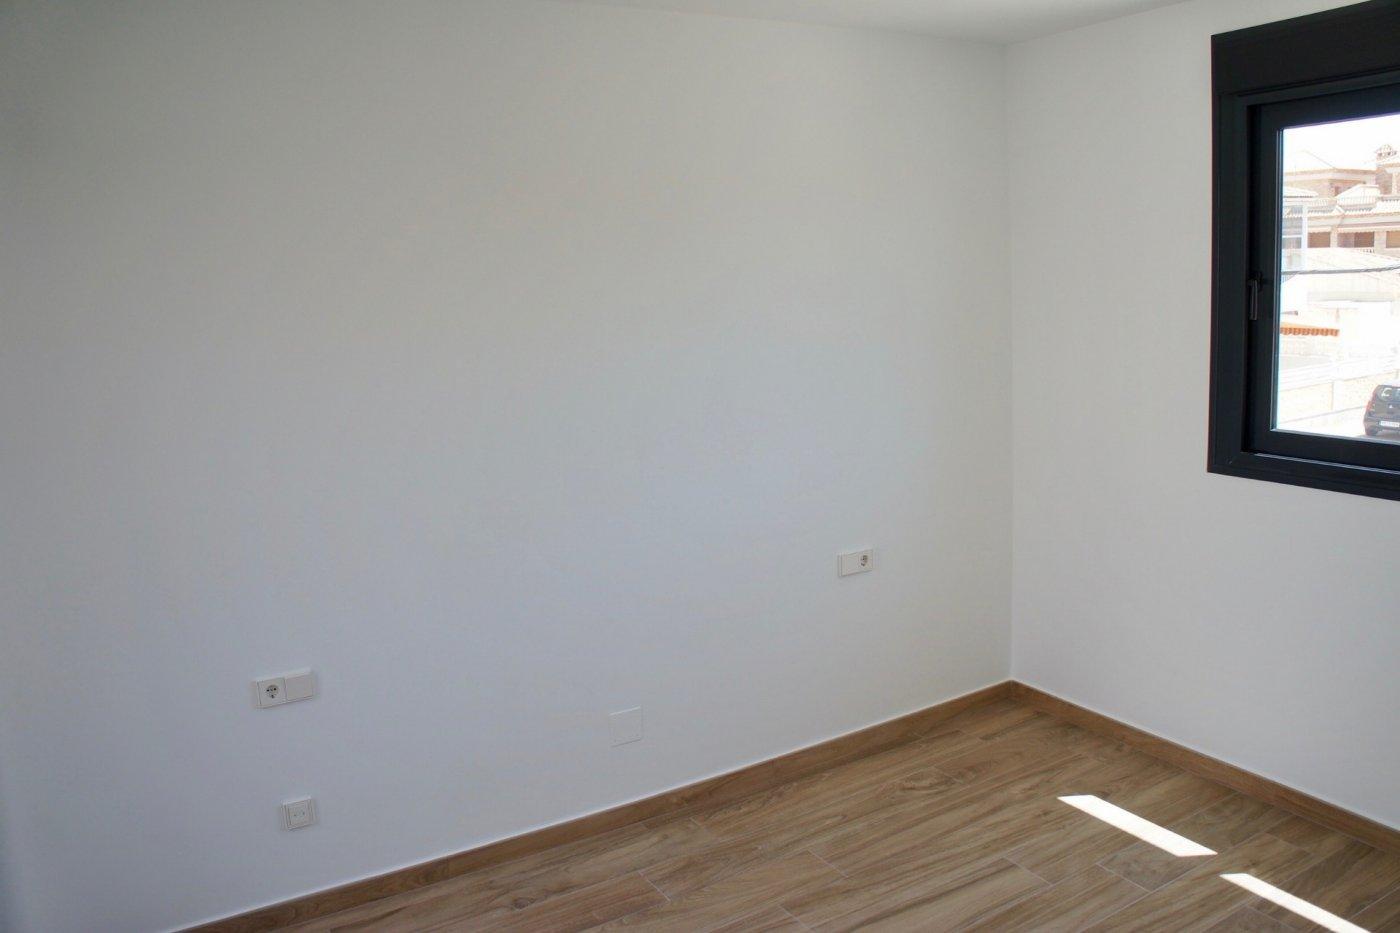 Imagen de la galería 8 of Nuevo apartamento listo en la planta superior de 2 dormitorios a solo 2 minutos a pie de las playas,